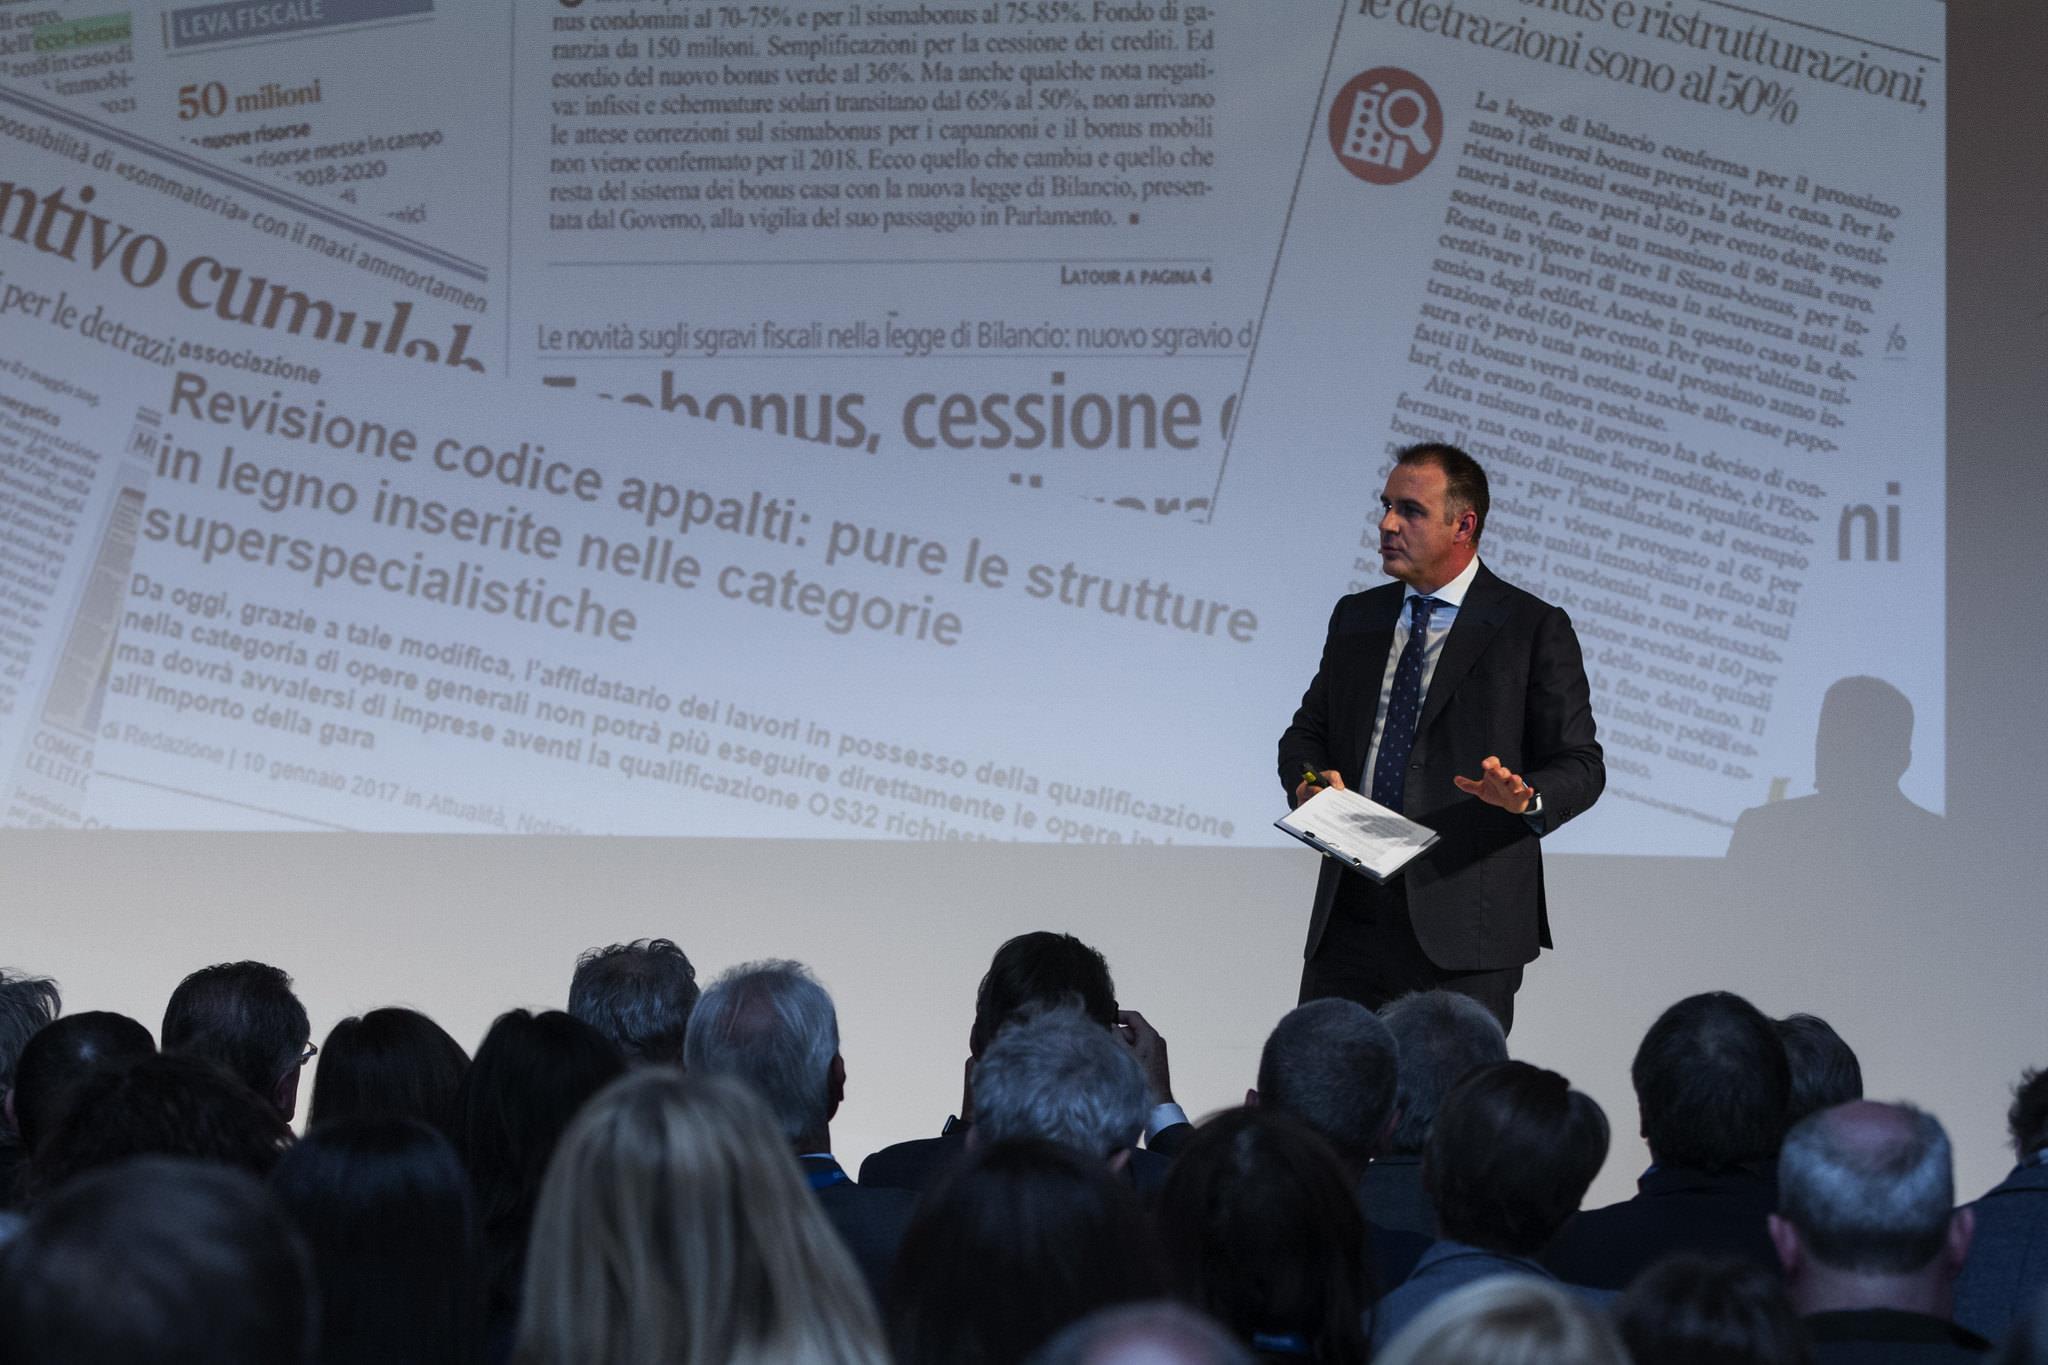 LEGNO-ARREDO, PUGLIA SETTIMA REGIONE IN ITALIA PER FATTURATO